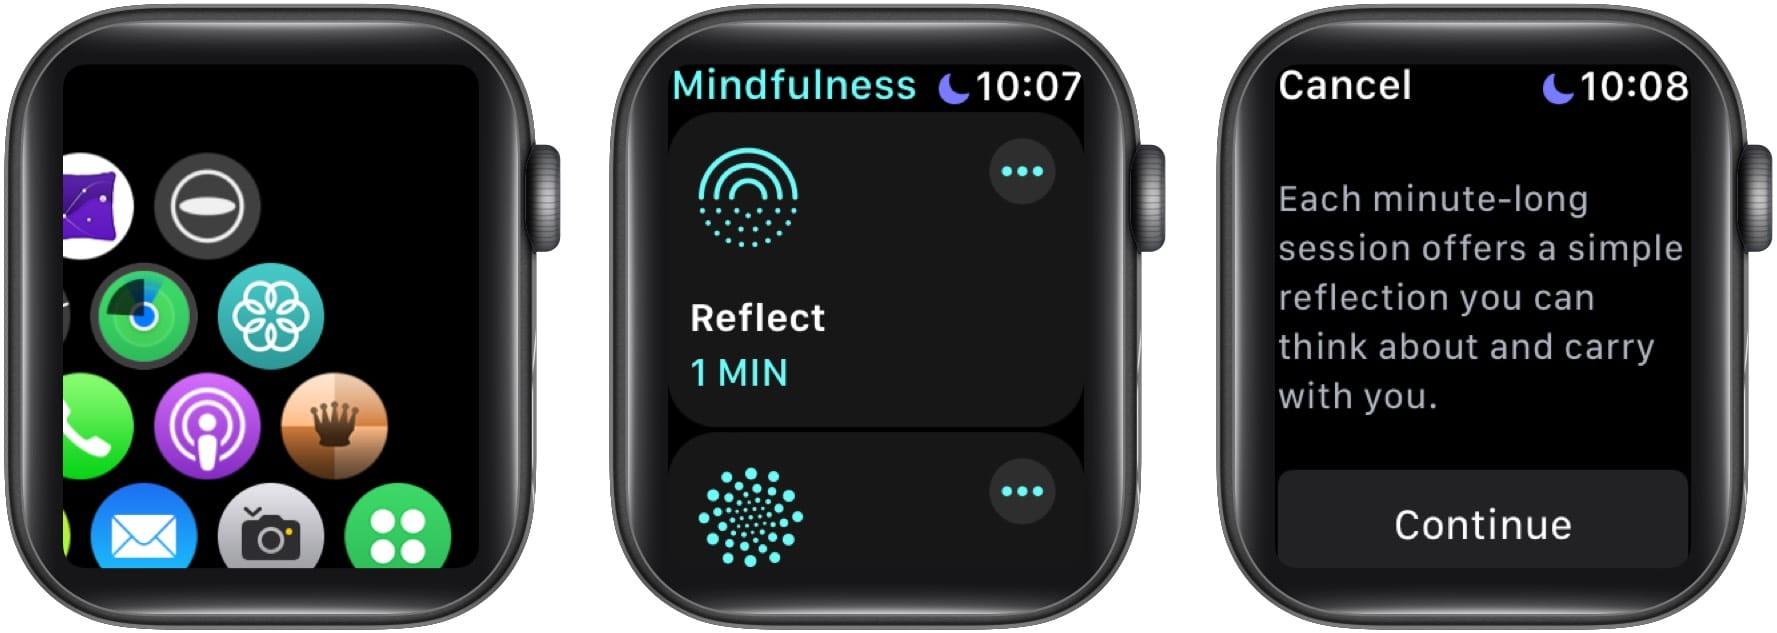 Нажмите Reflect, чтобы начать сеанс Reflect на Apple Watch.